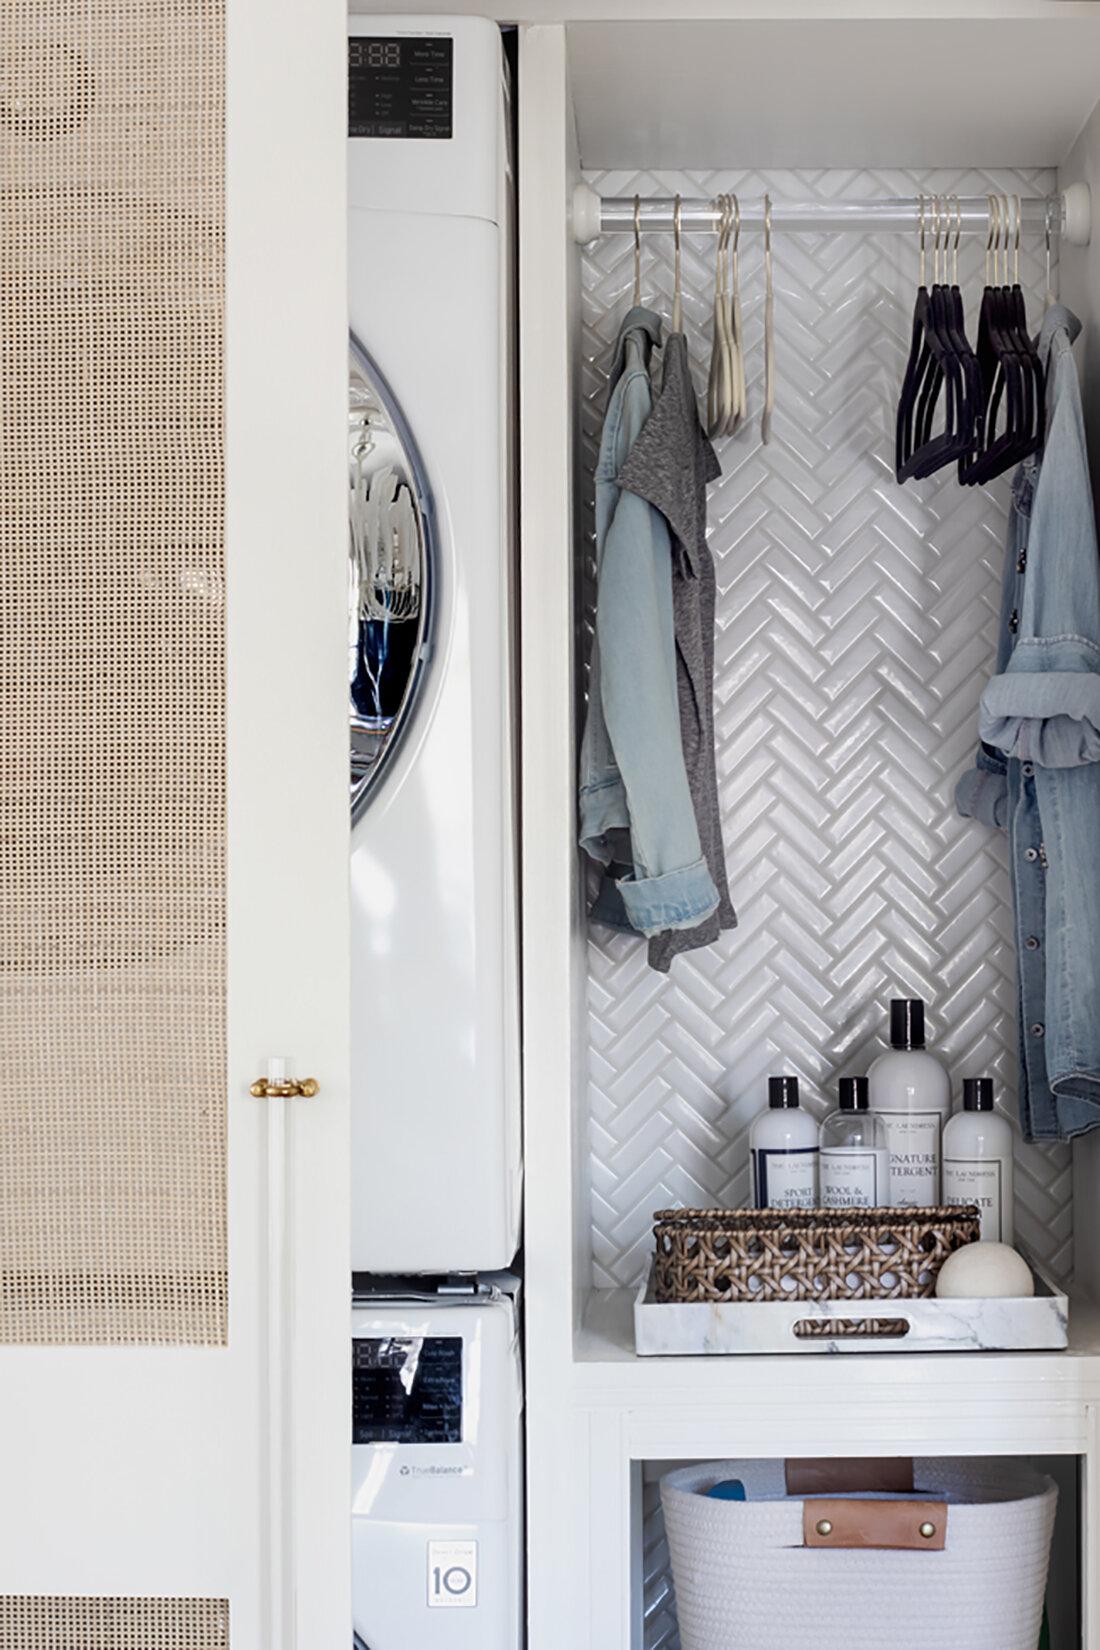 2019-03-27-Laundry-Closet-Door-Open-Shelf-Crop.jpg